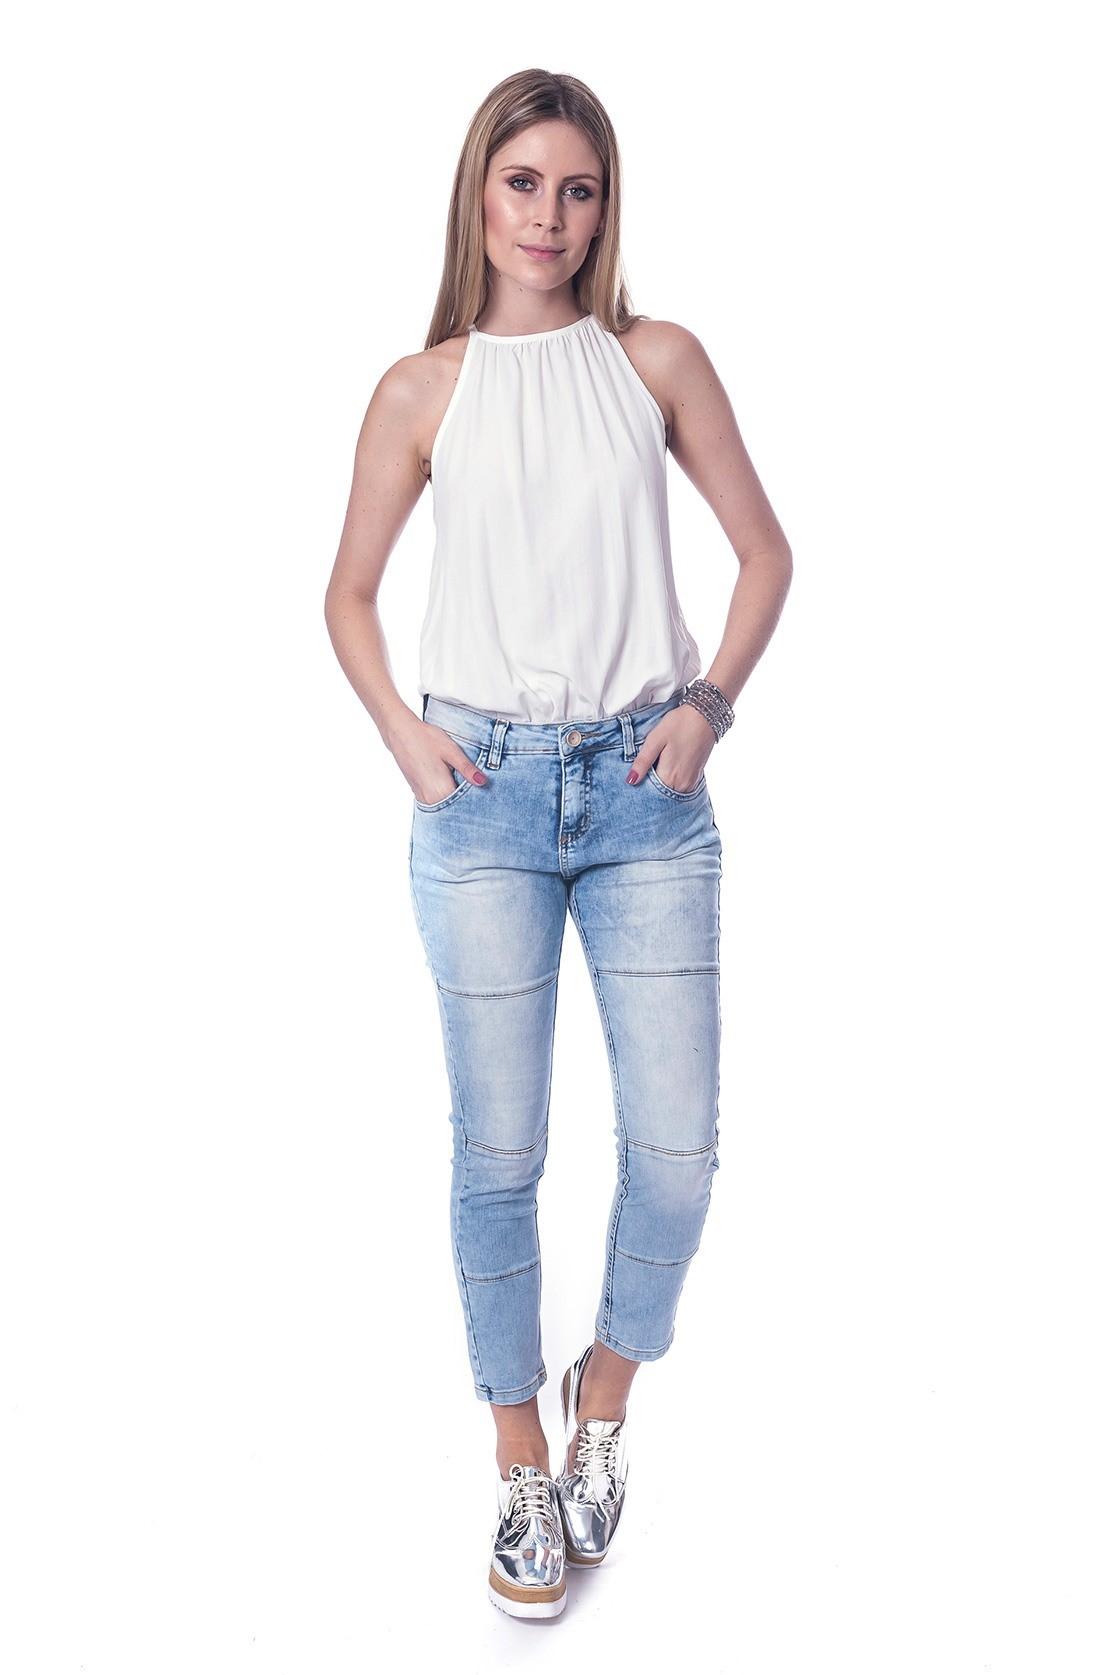 a9b6d6c1d Imagem 26- E aqui você encontra uma blusa branca com decote frente única no  qual ela escolhe uma calça jeans modelo cropped com lavagem mais clara, ...